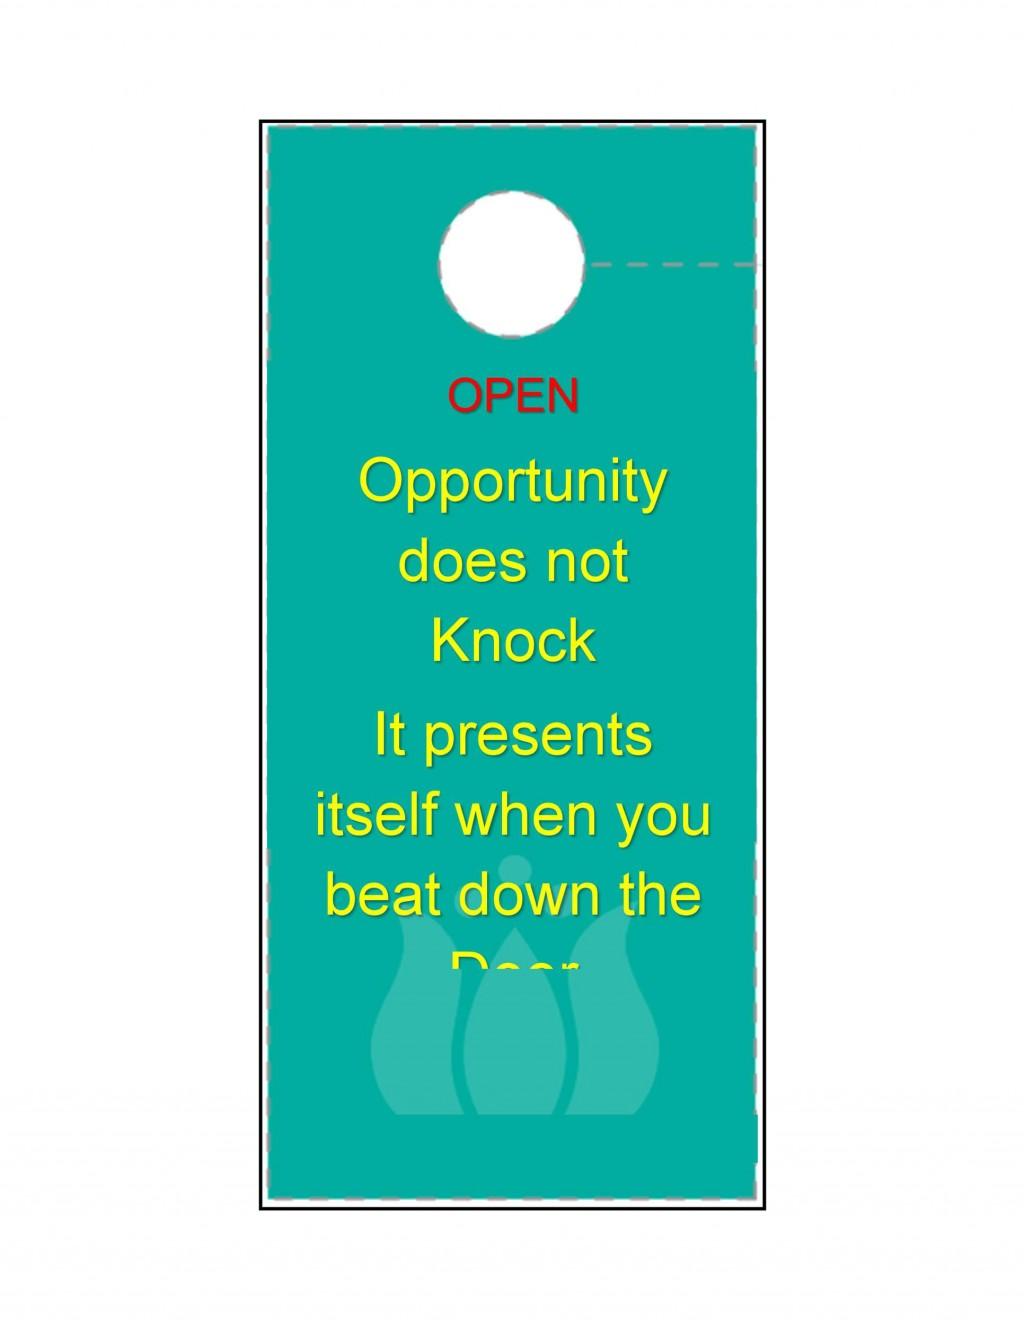 005 Astounding Free Online Door Hanger Template Sample  TemplatesLarge